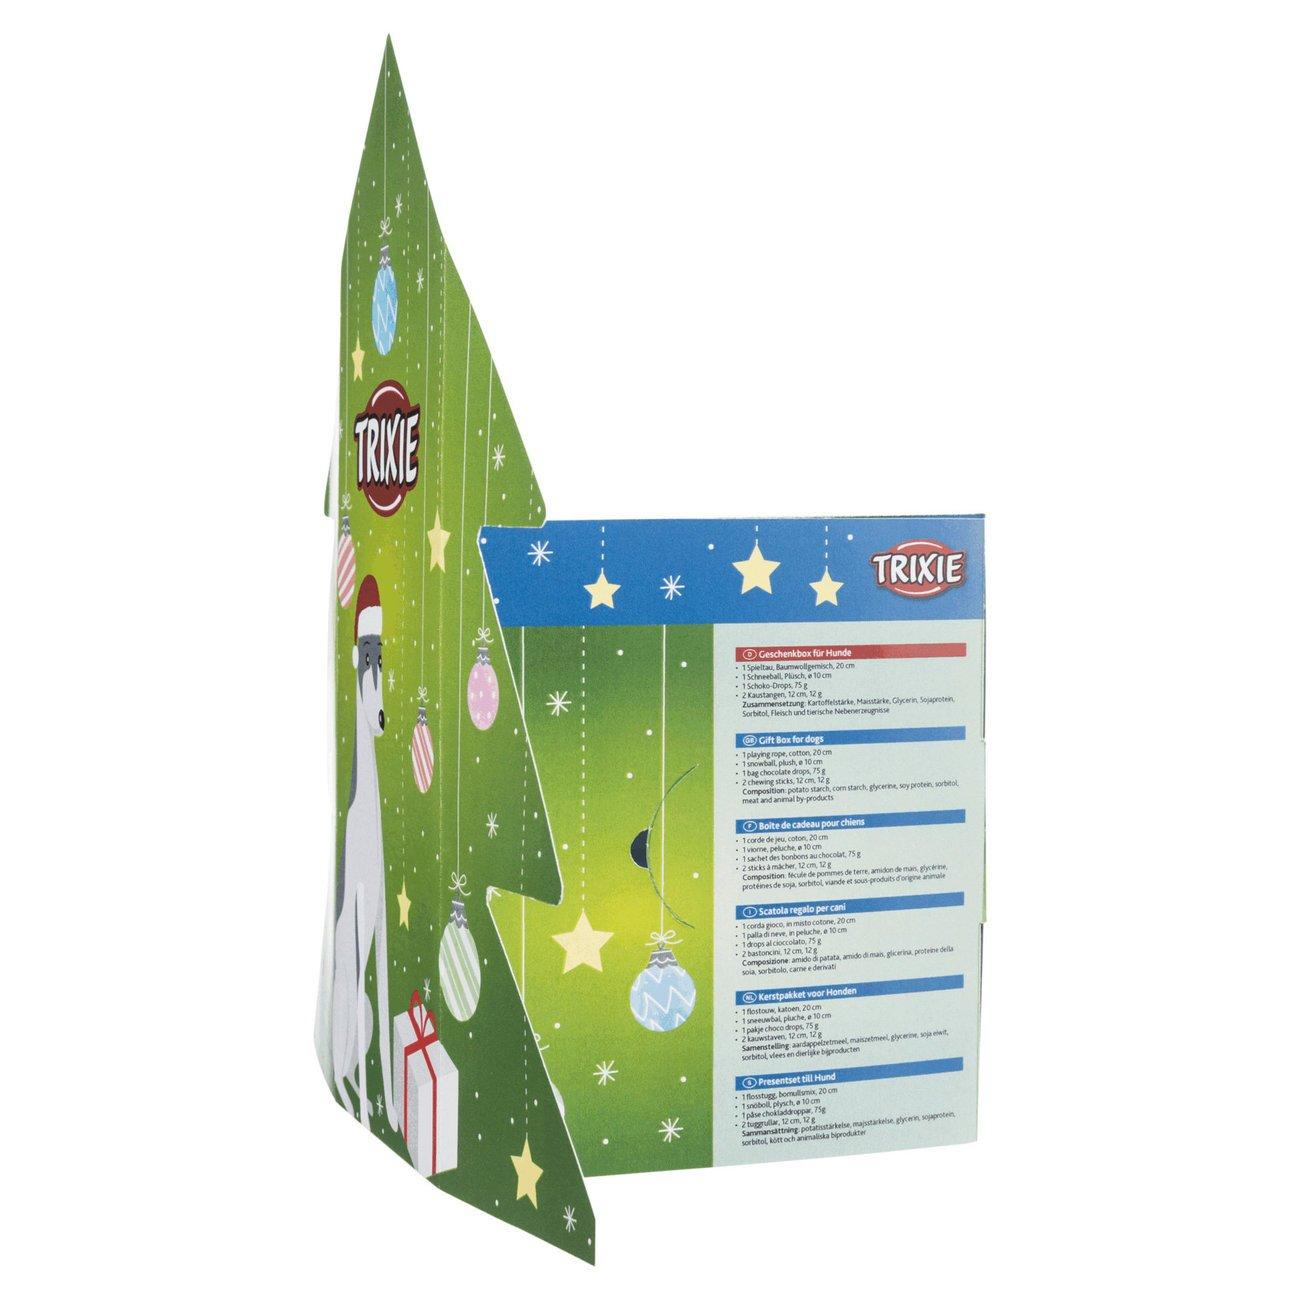 TRIXIE Weihnachtsbox Geschenkbox für Hunde 9265, Bild 2